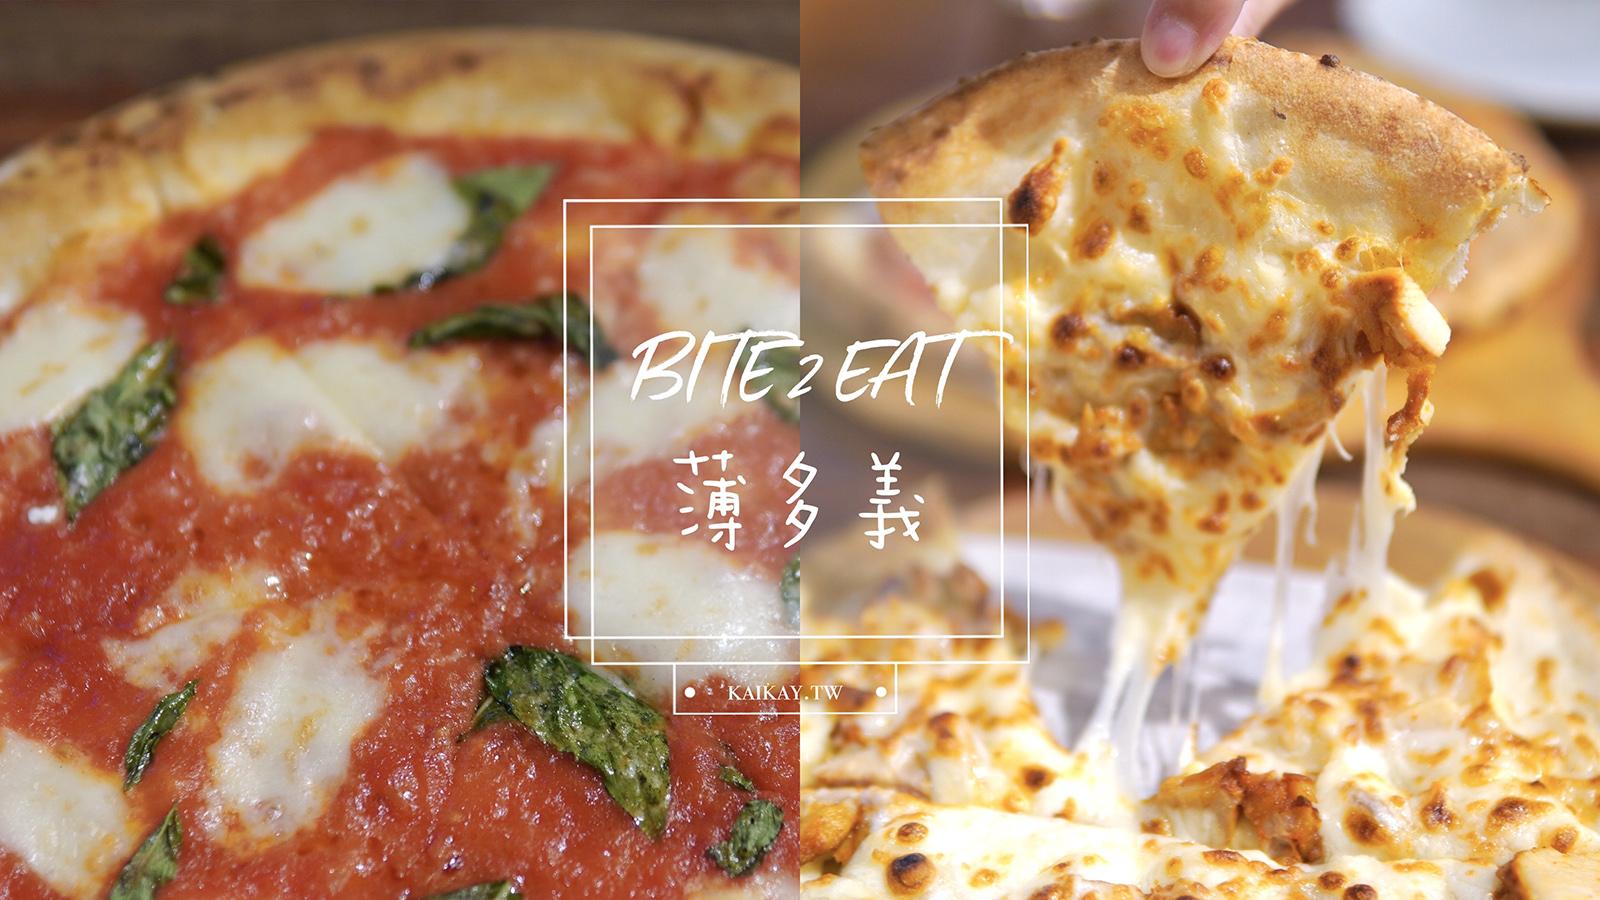 ☆【台北|市政府站】N訪愛店!信義區必吃義式美食:薄多義『洋薯腿排披薩』vs 『瑪格麗特披薩』 @凱的日本食尚日記